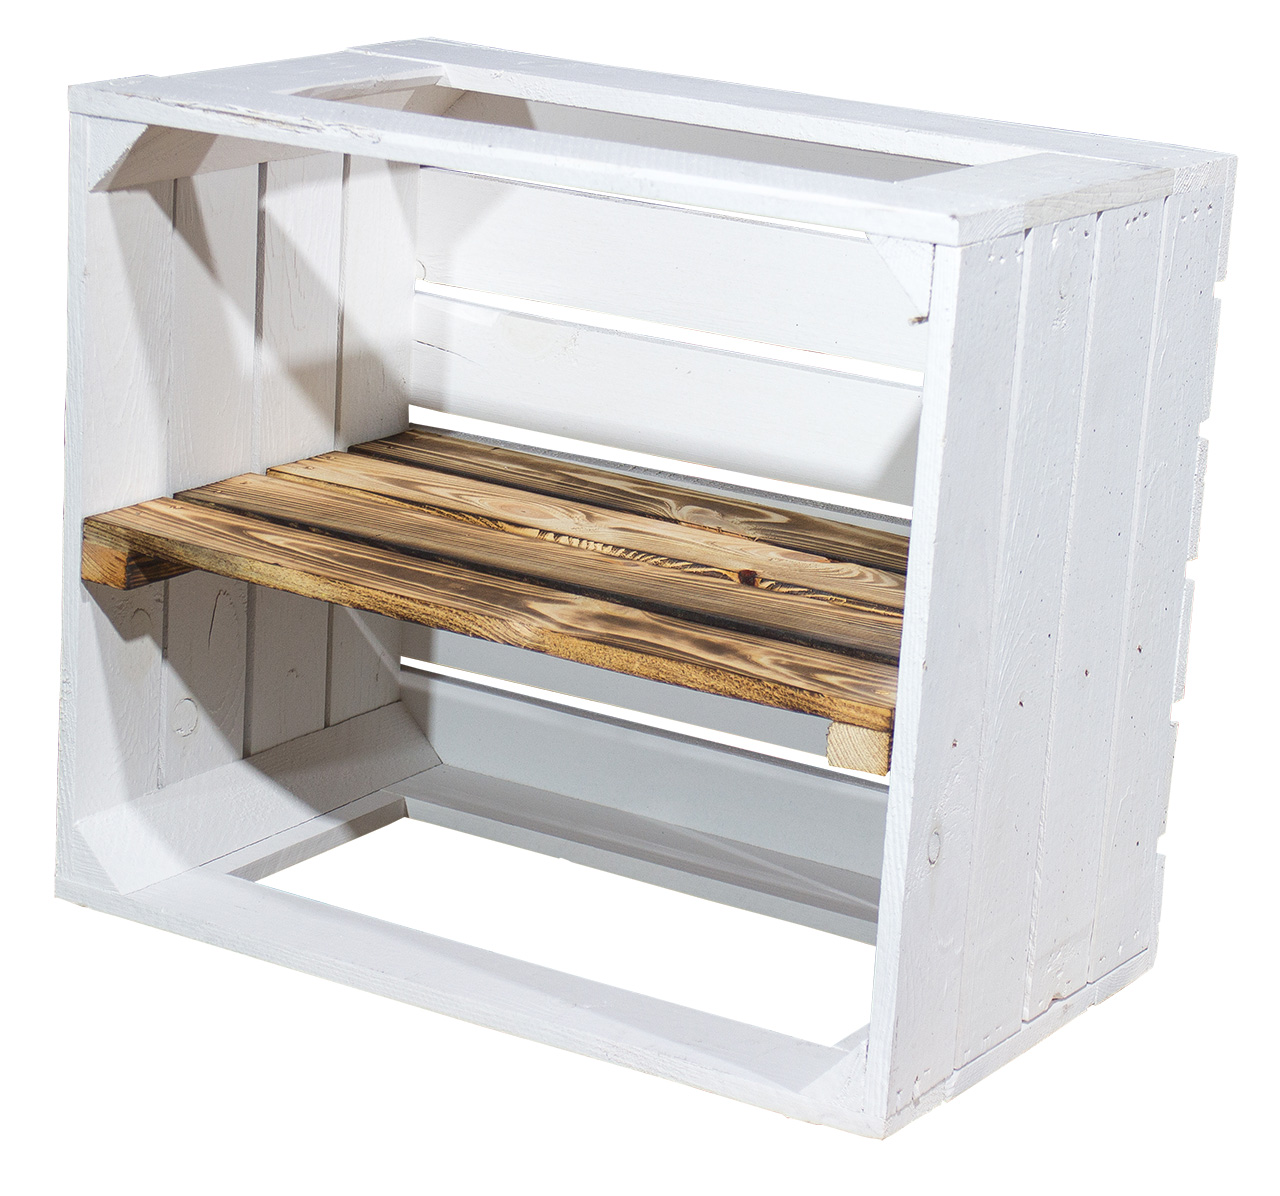 Weiße Regalkiste -geflammtes Mittelbrett - Display Edition 50x40x30cm